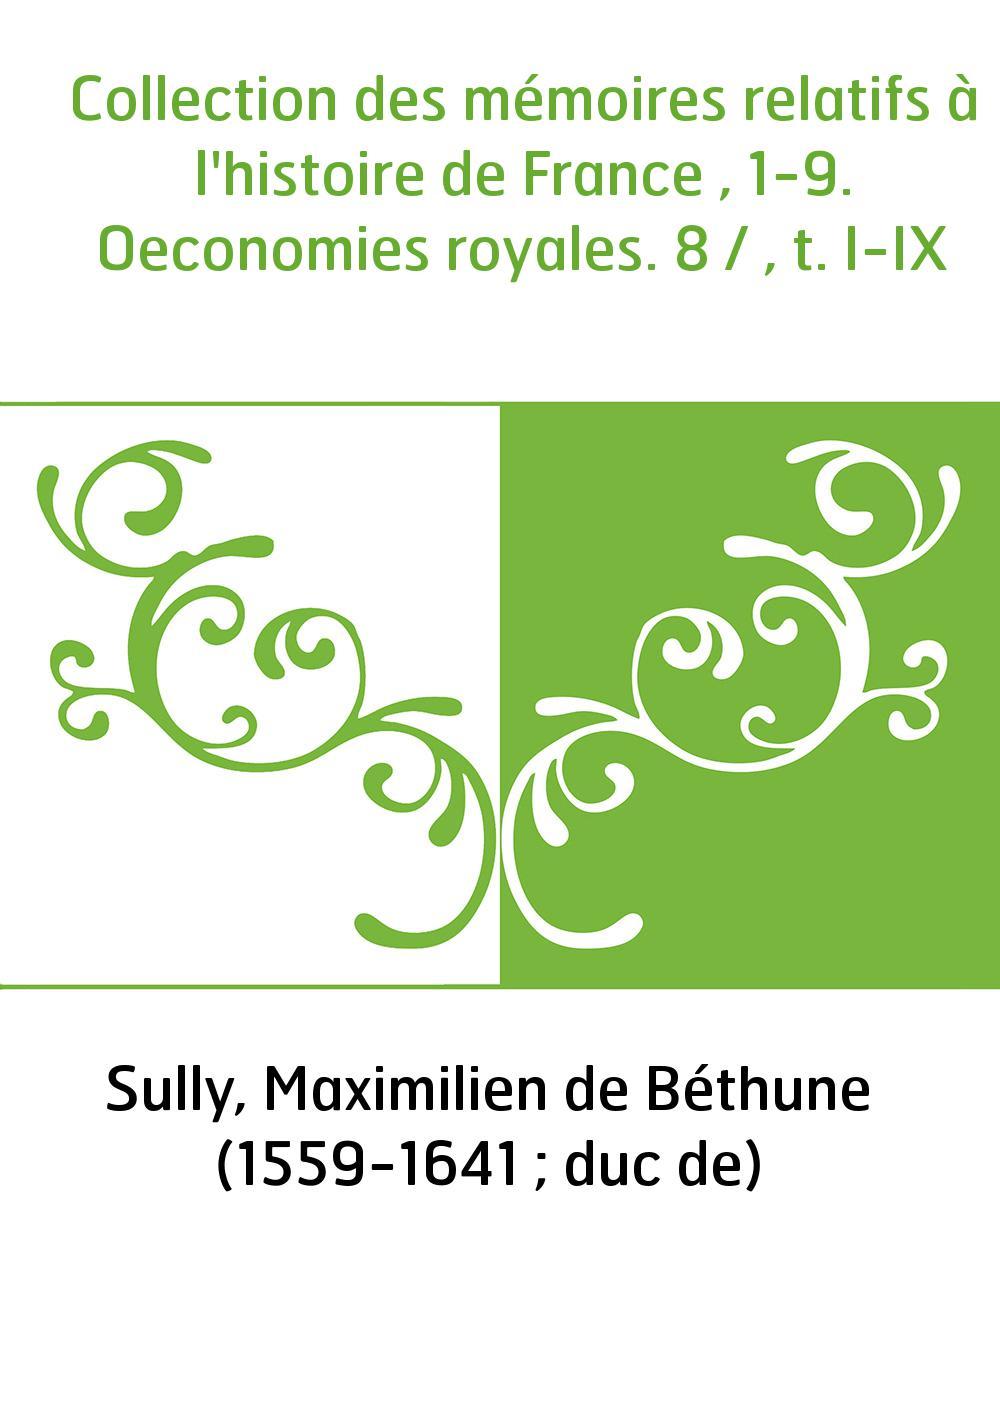 Collection des mémoires relatifs à l'histoire de France , 1-9. Oeconomies royales. 8 / , t. I-IX